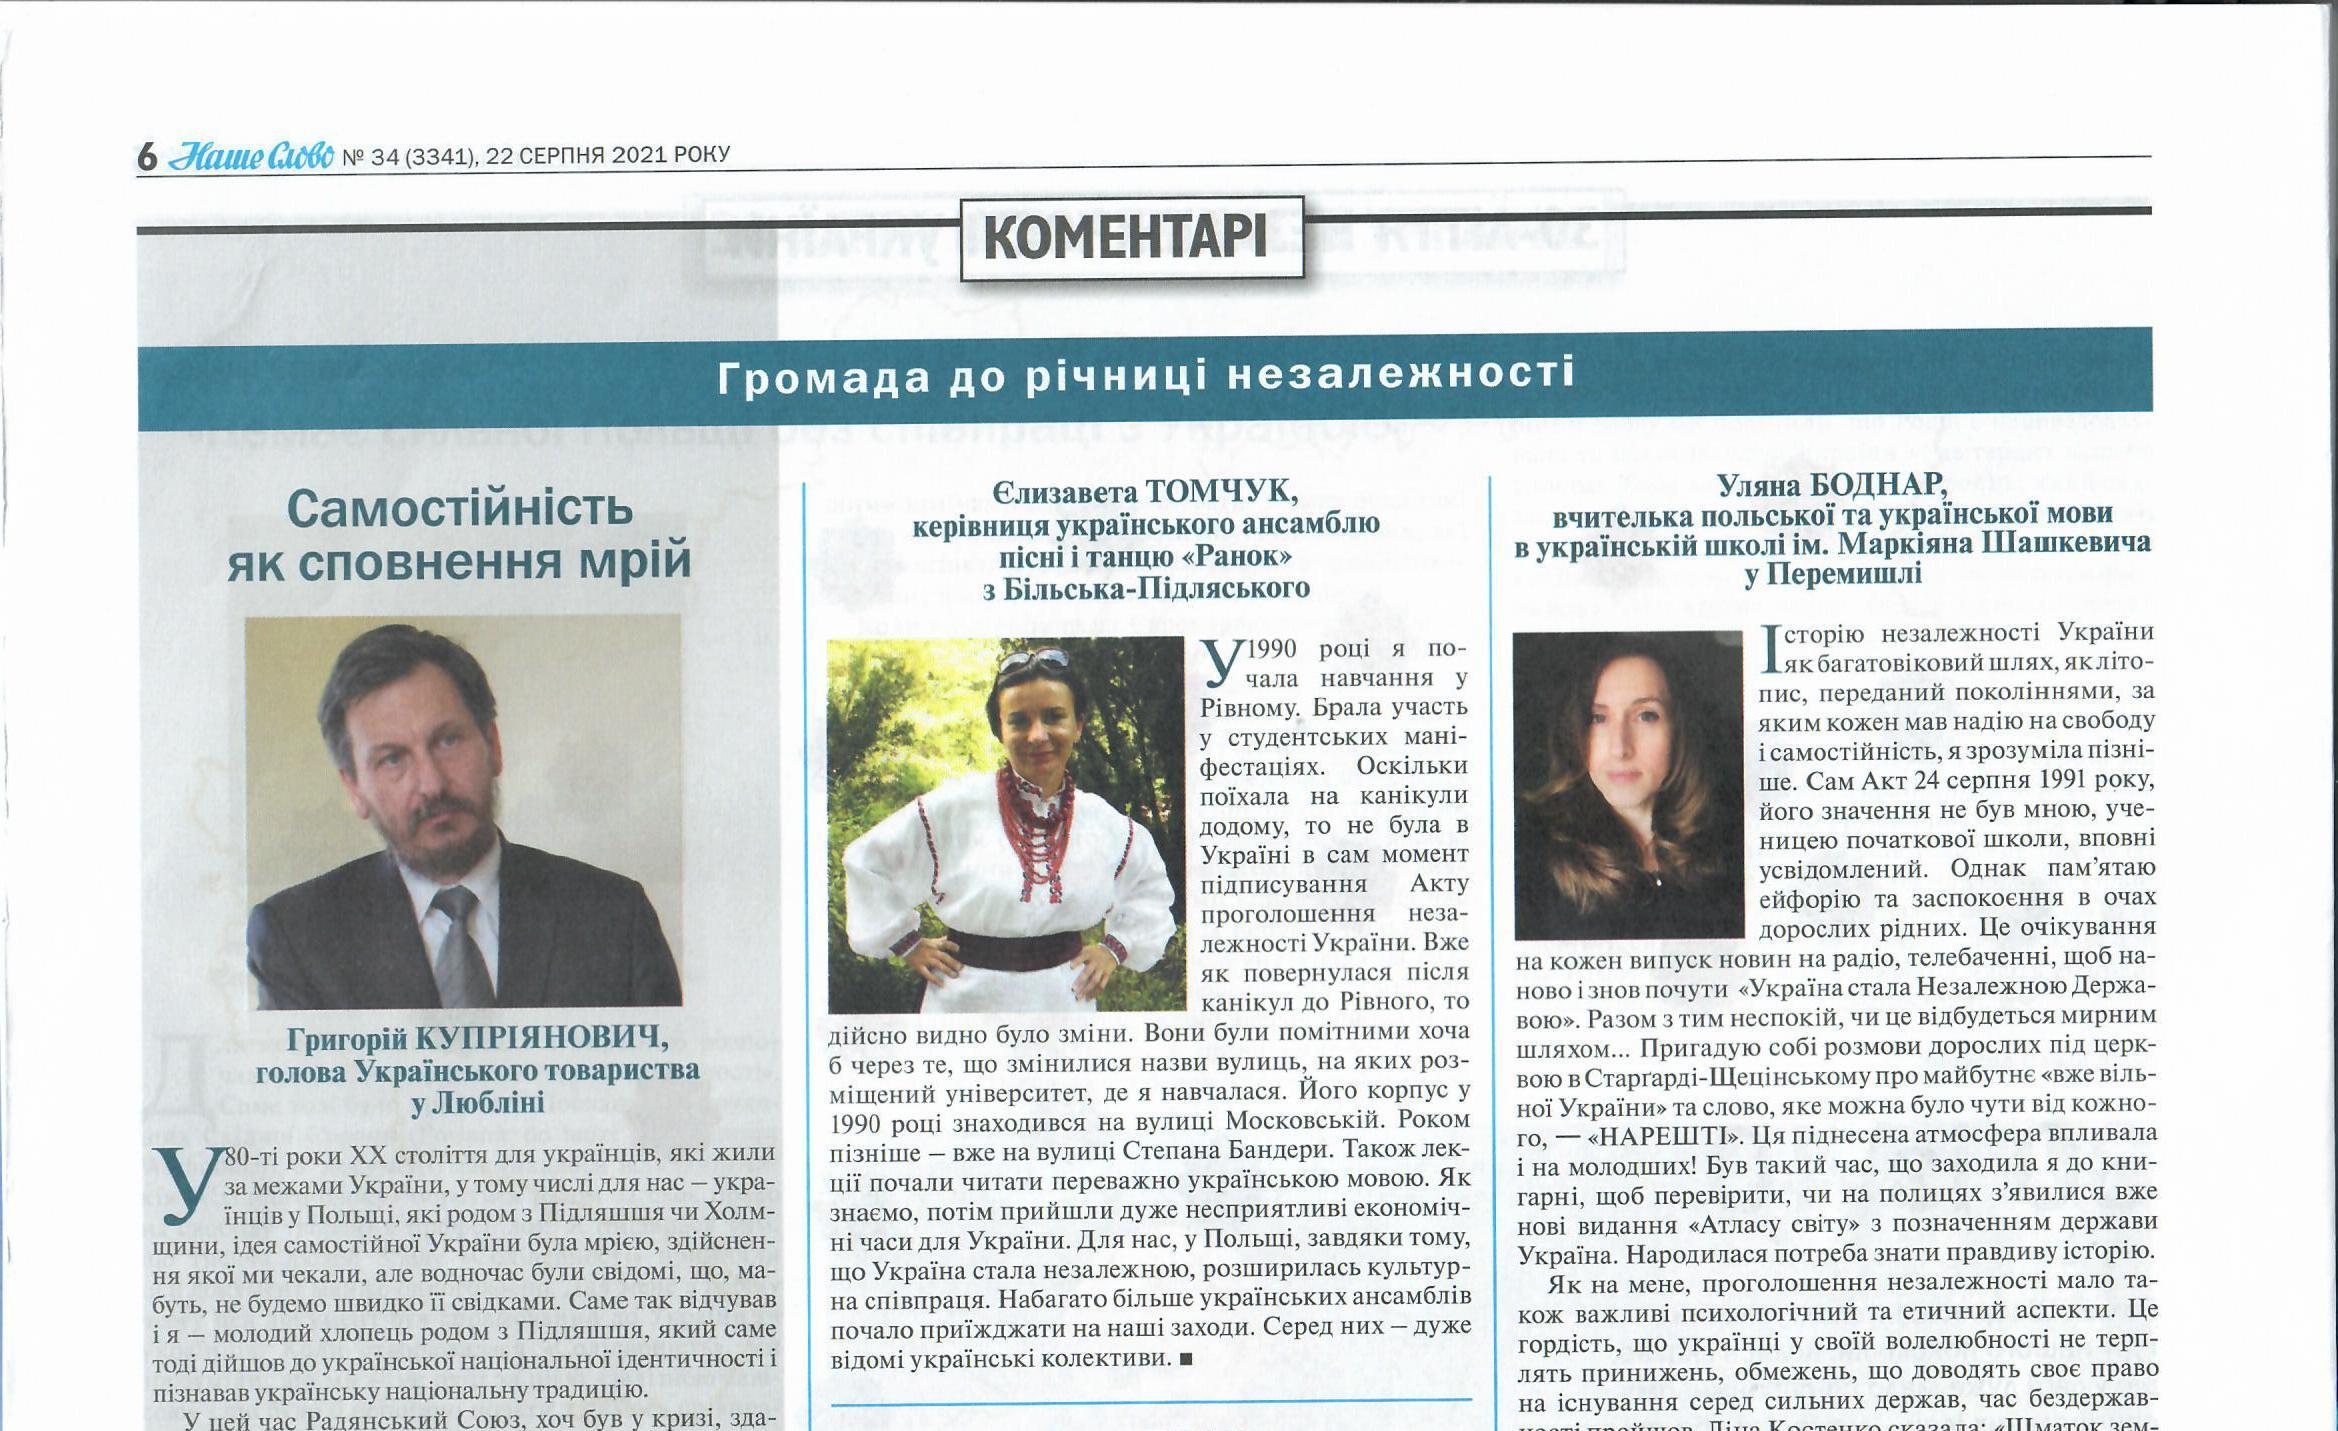 Cтаття д-ра Григорія Купріяновича в українському тижневику «Наше Слово»